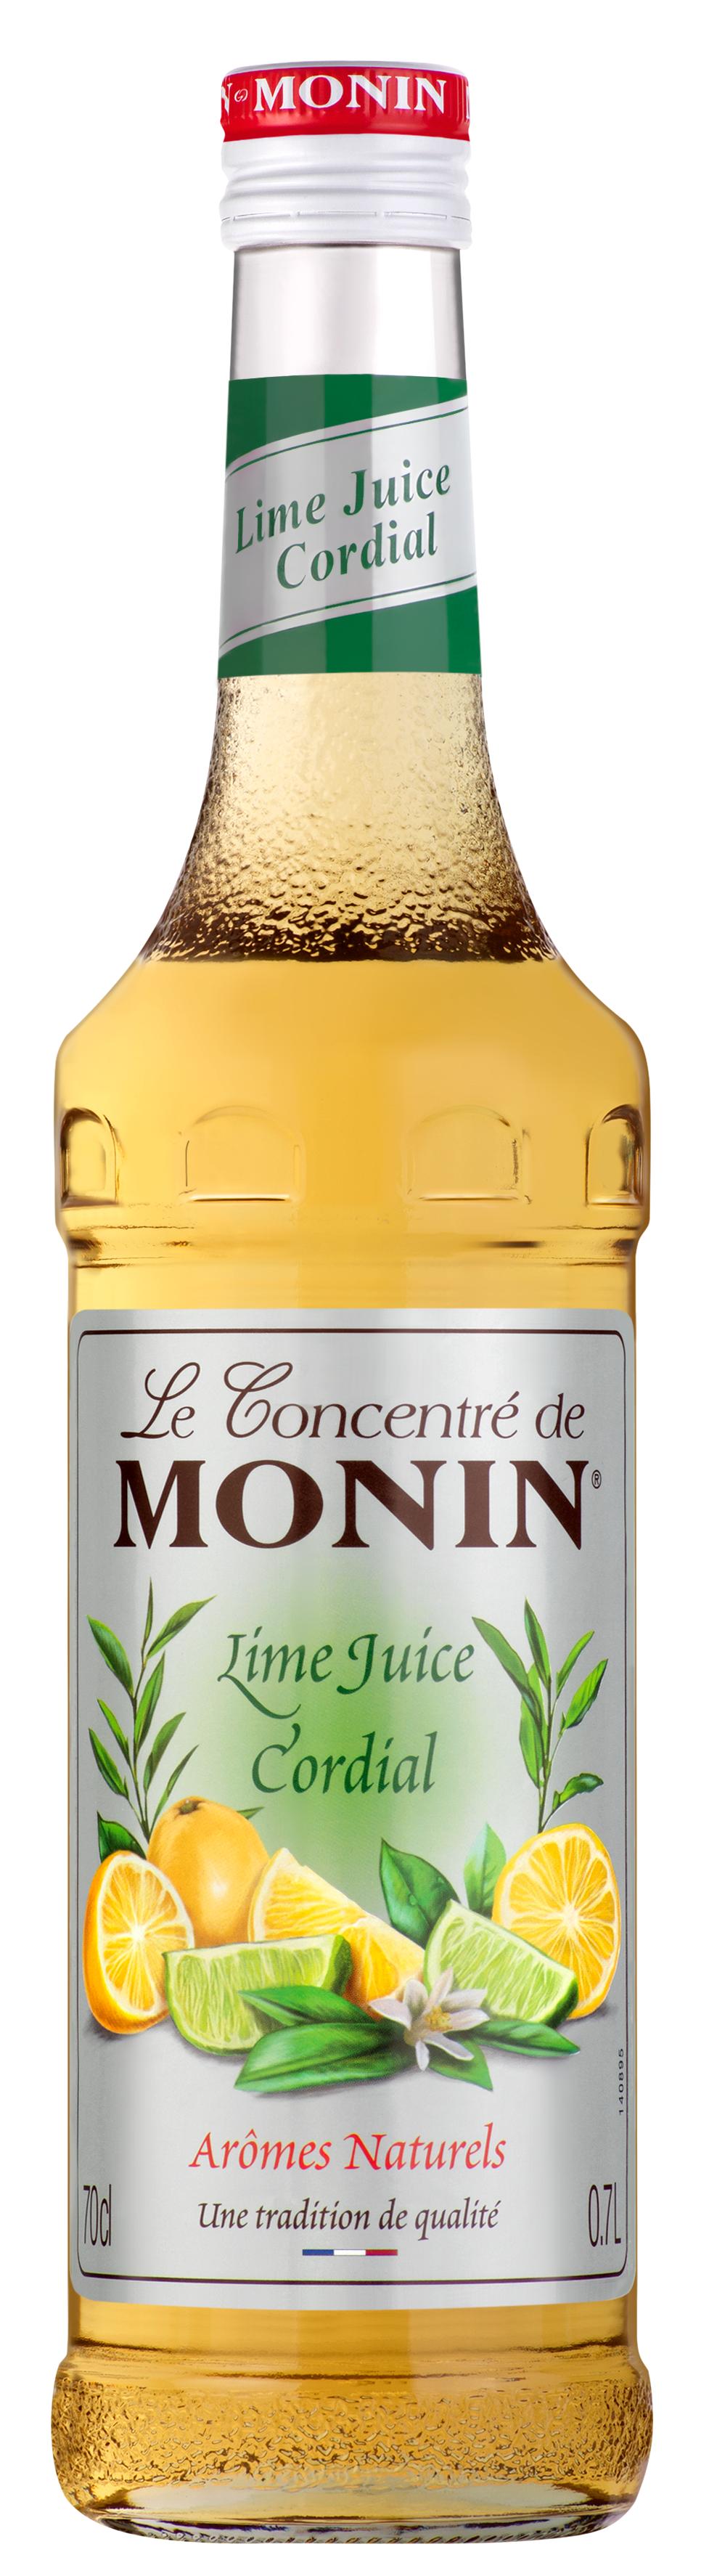 Concentré Lime Juice Cordial, Monin (70 cl)